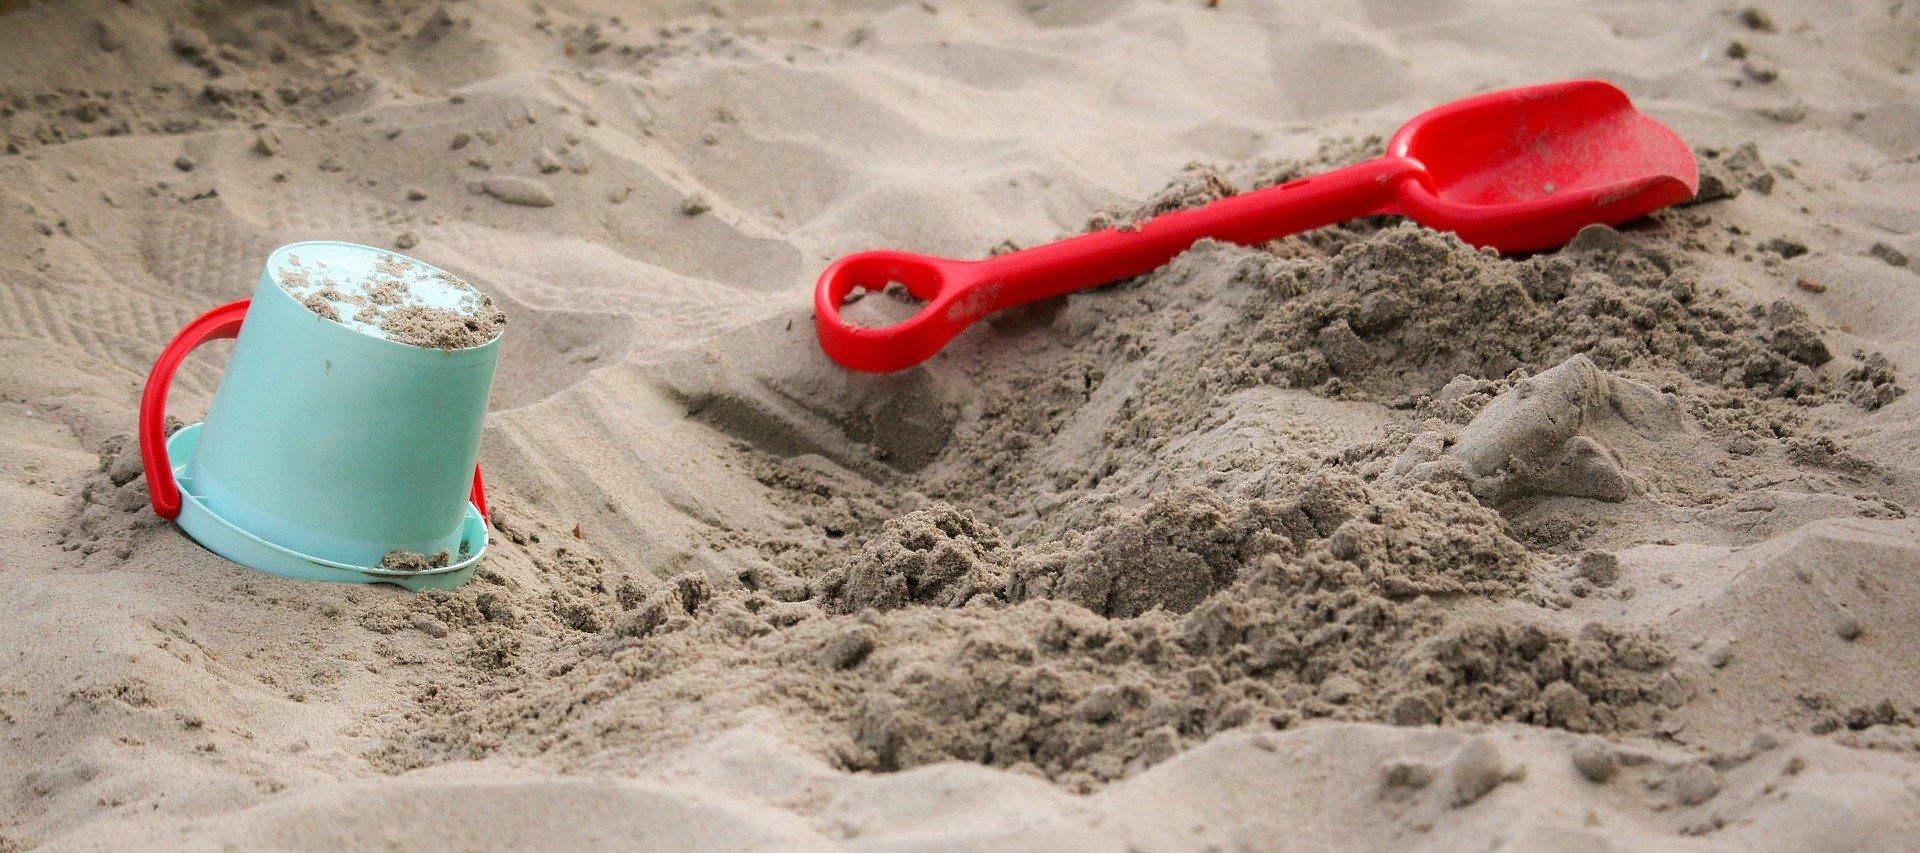 Giochi in spiaggia per bambini